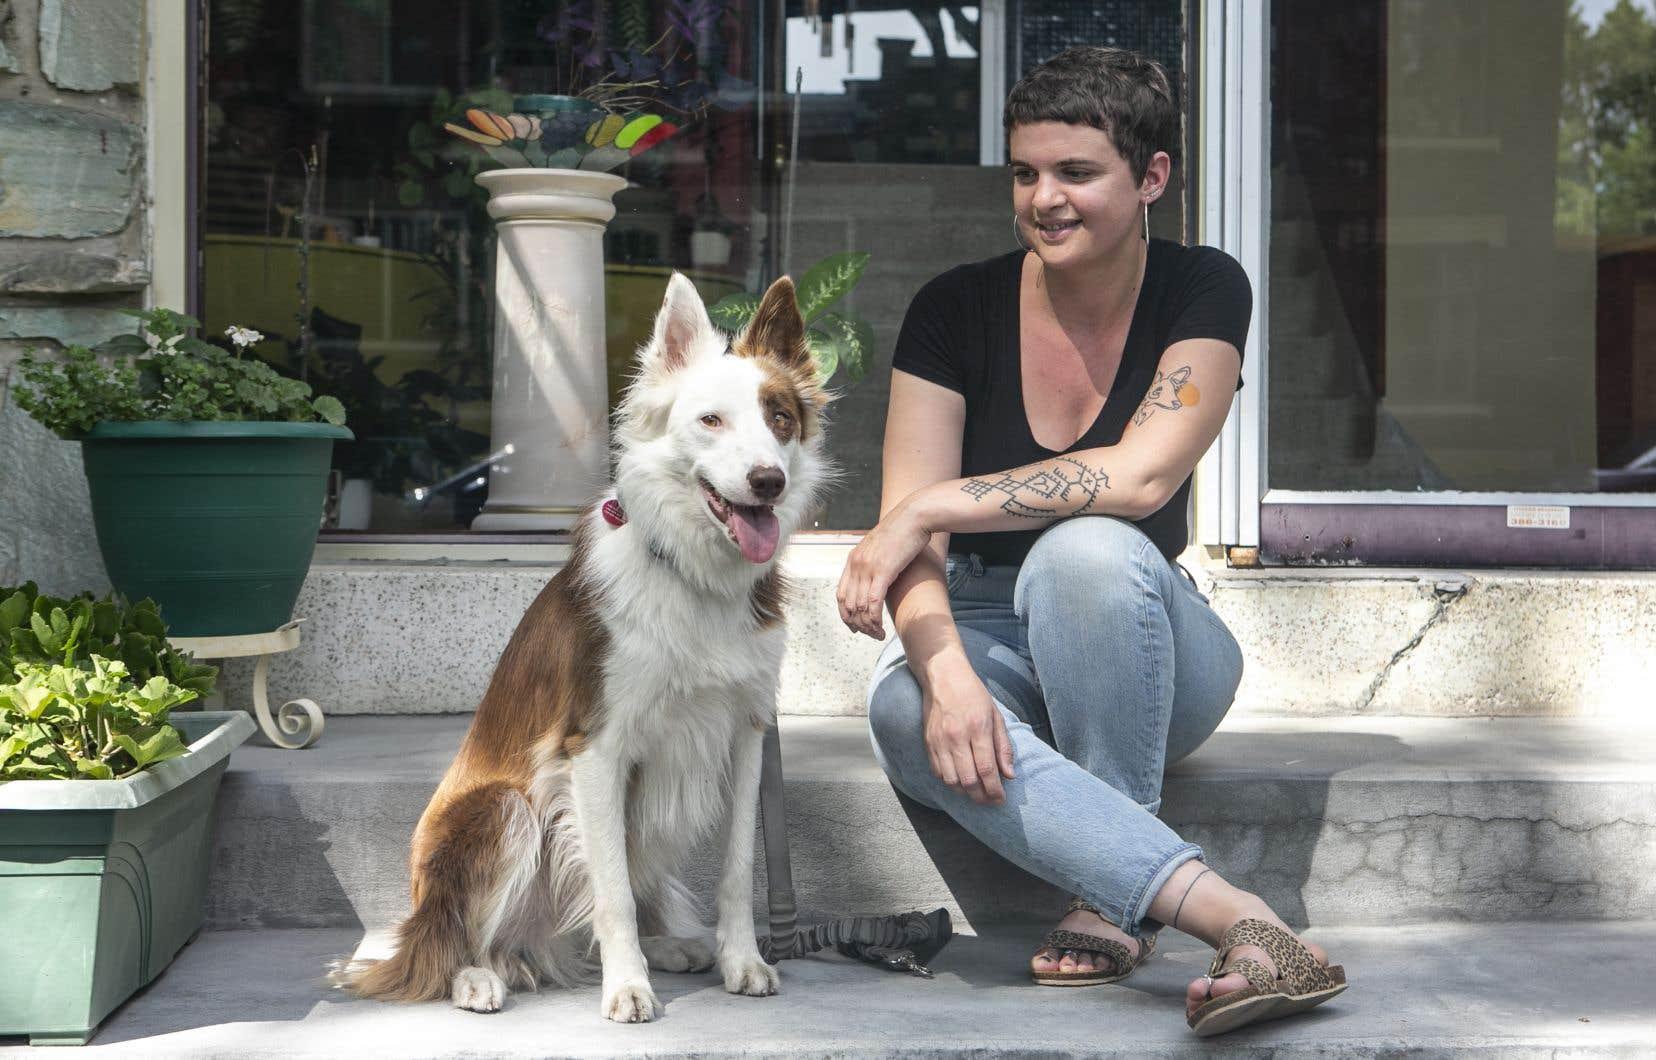 Agathe Dessaux, 34ans, a décidé il y a un an de laisser tomber le milieu du théâtre où elle œuvrait pour s'établir au Québec et entreprendre un changement de carrière. Son projet est néanmoins menacé par la pandémie.